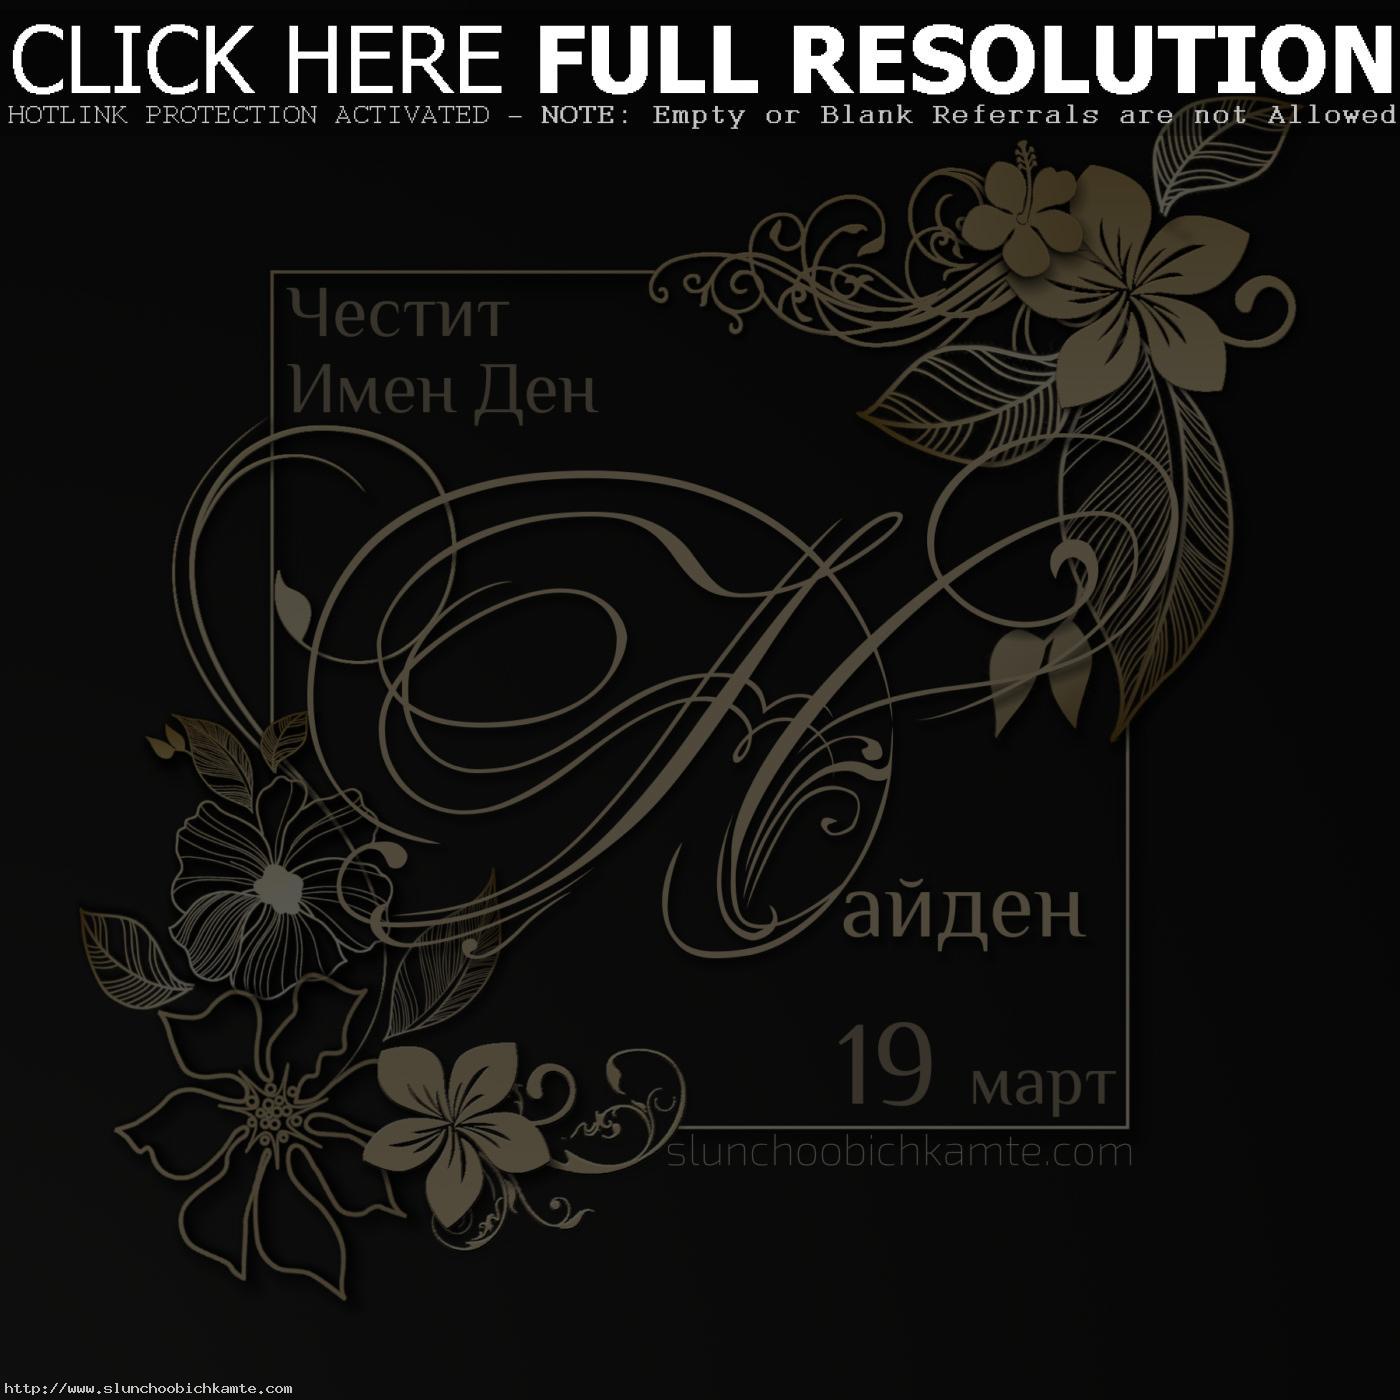 Честит имен ден Найден - 19 март - Св. Мчци Хрисант и Дария (Злат. литургия) - Картички за Имен ден. Пожелай честит имен ден с оригинална картичка